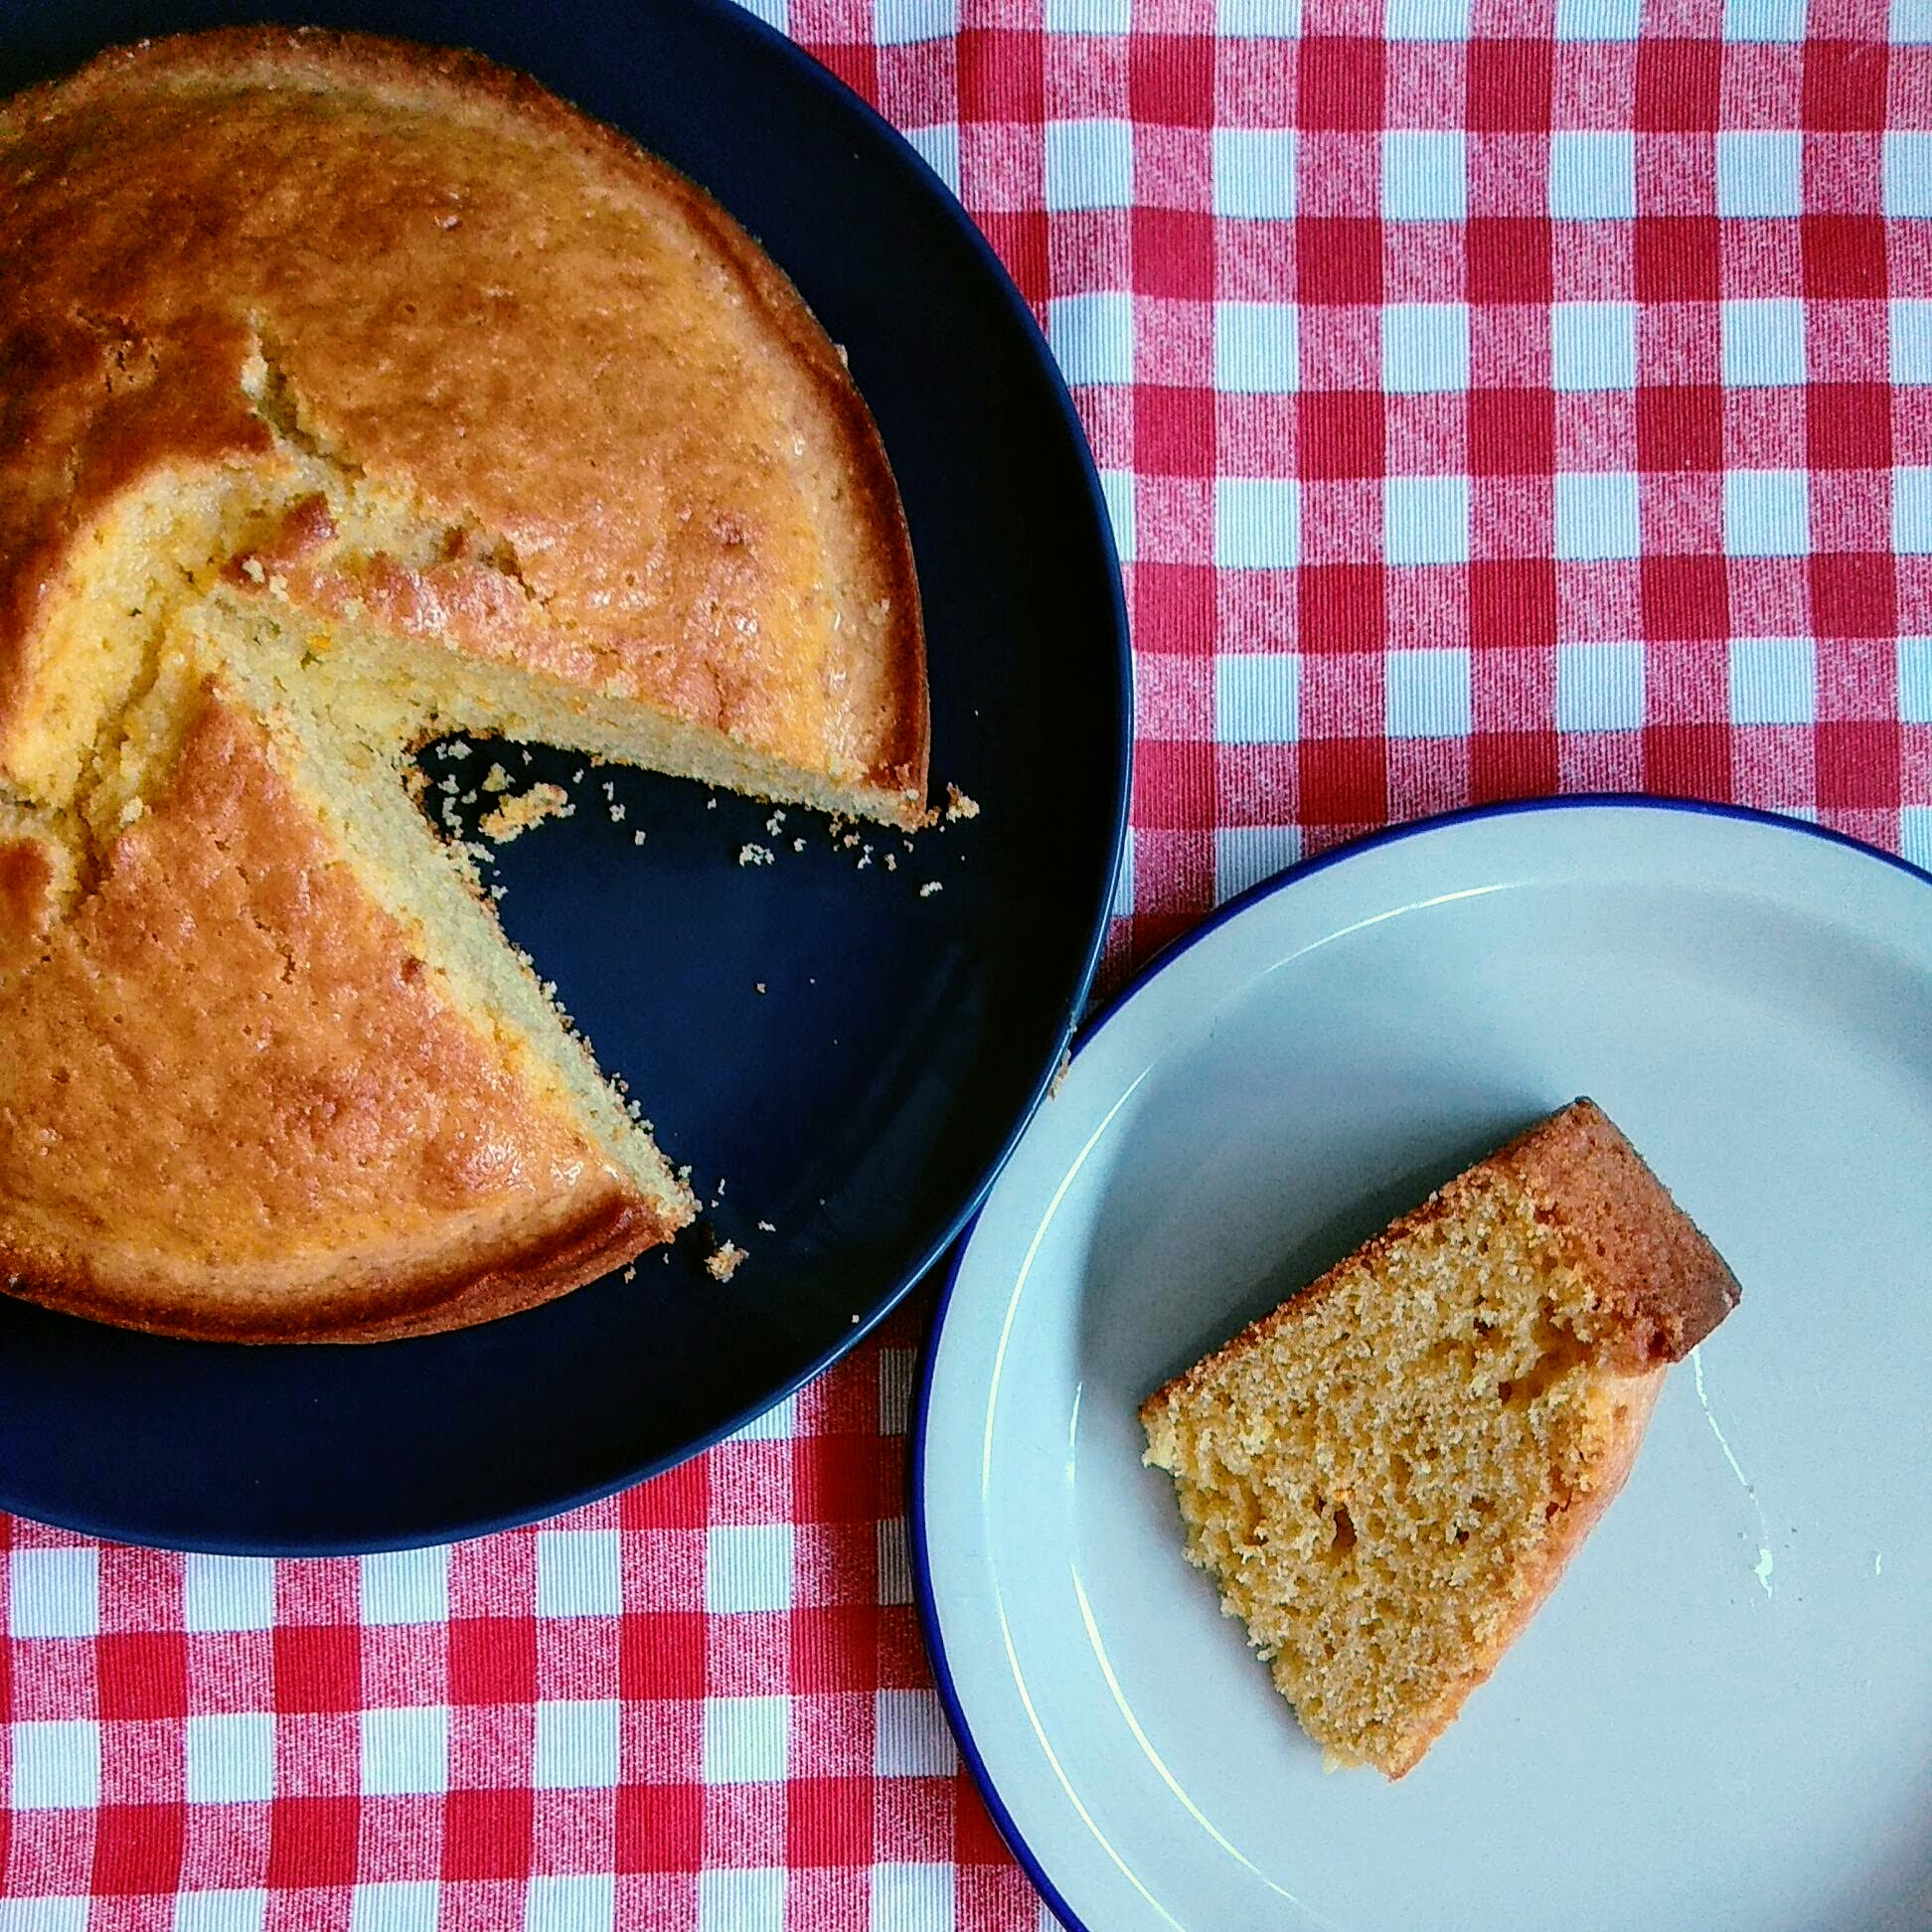 Receta fácil de Bizcocho extremeño. Descúbrela en: www.cocinandoconlola.com